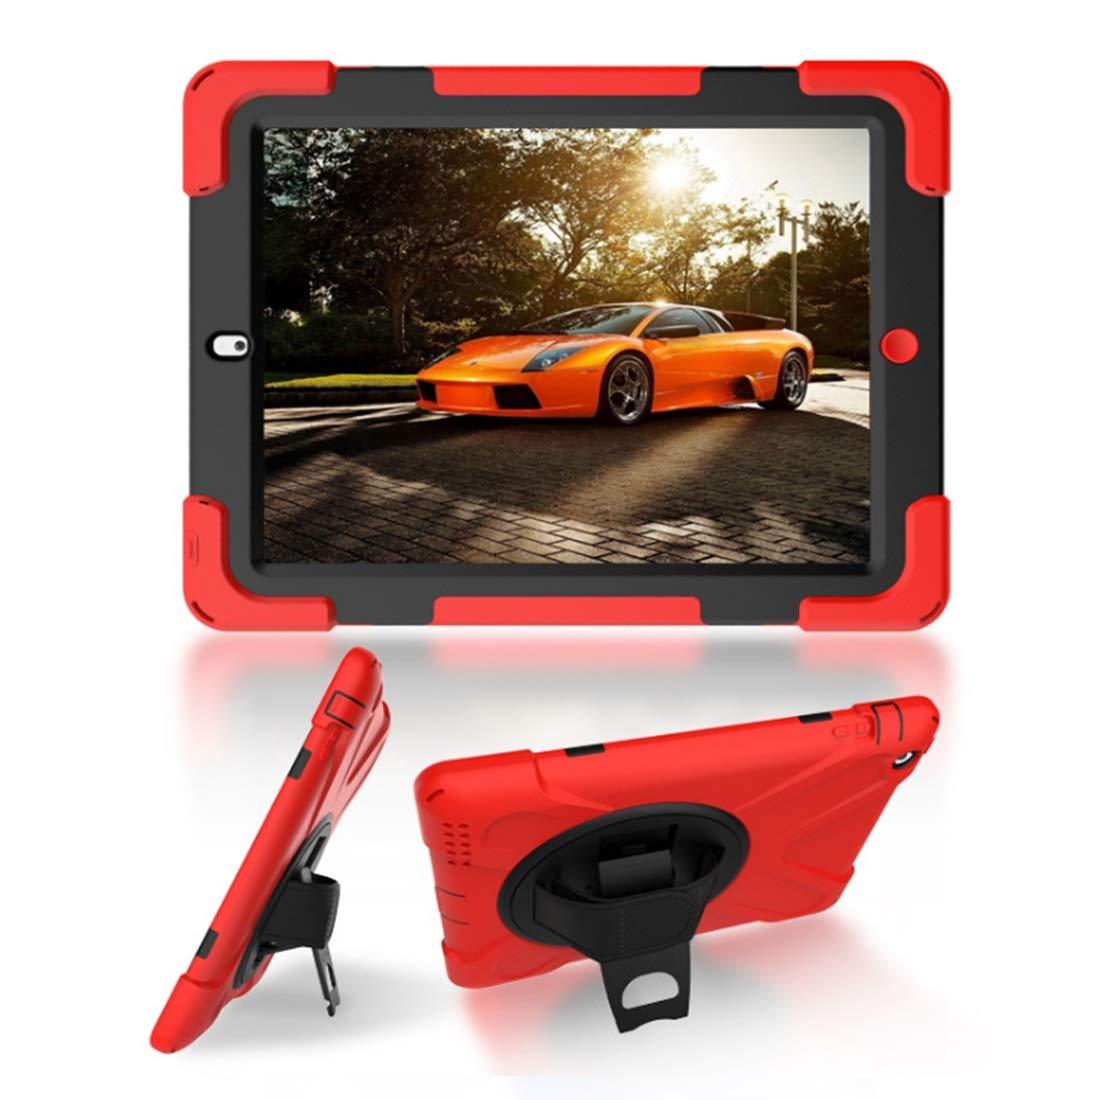 最安値で  KRPENRIO 高耐久 フルボディ 頑丈 保護ケース Apple 内蔵スクリーンプロテクター& 2層デザイン Apple iPad 保護ケース 9.7インチ 9.7インチ 2017/2018に対応 (カラー:レッド、サイズ:iPad Air1) B07L8BKV55, おしゃれ工房:8abcd6bd --- a0267596.xsph.ru